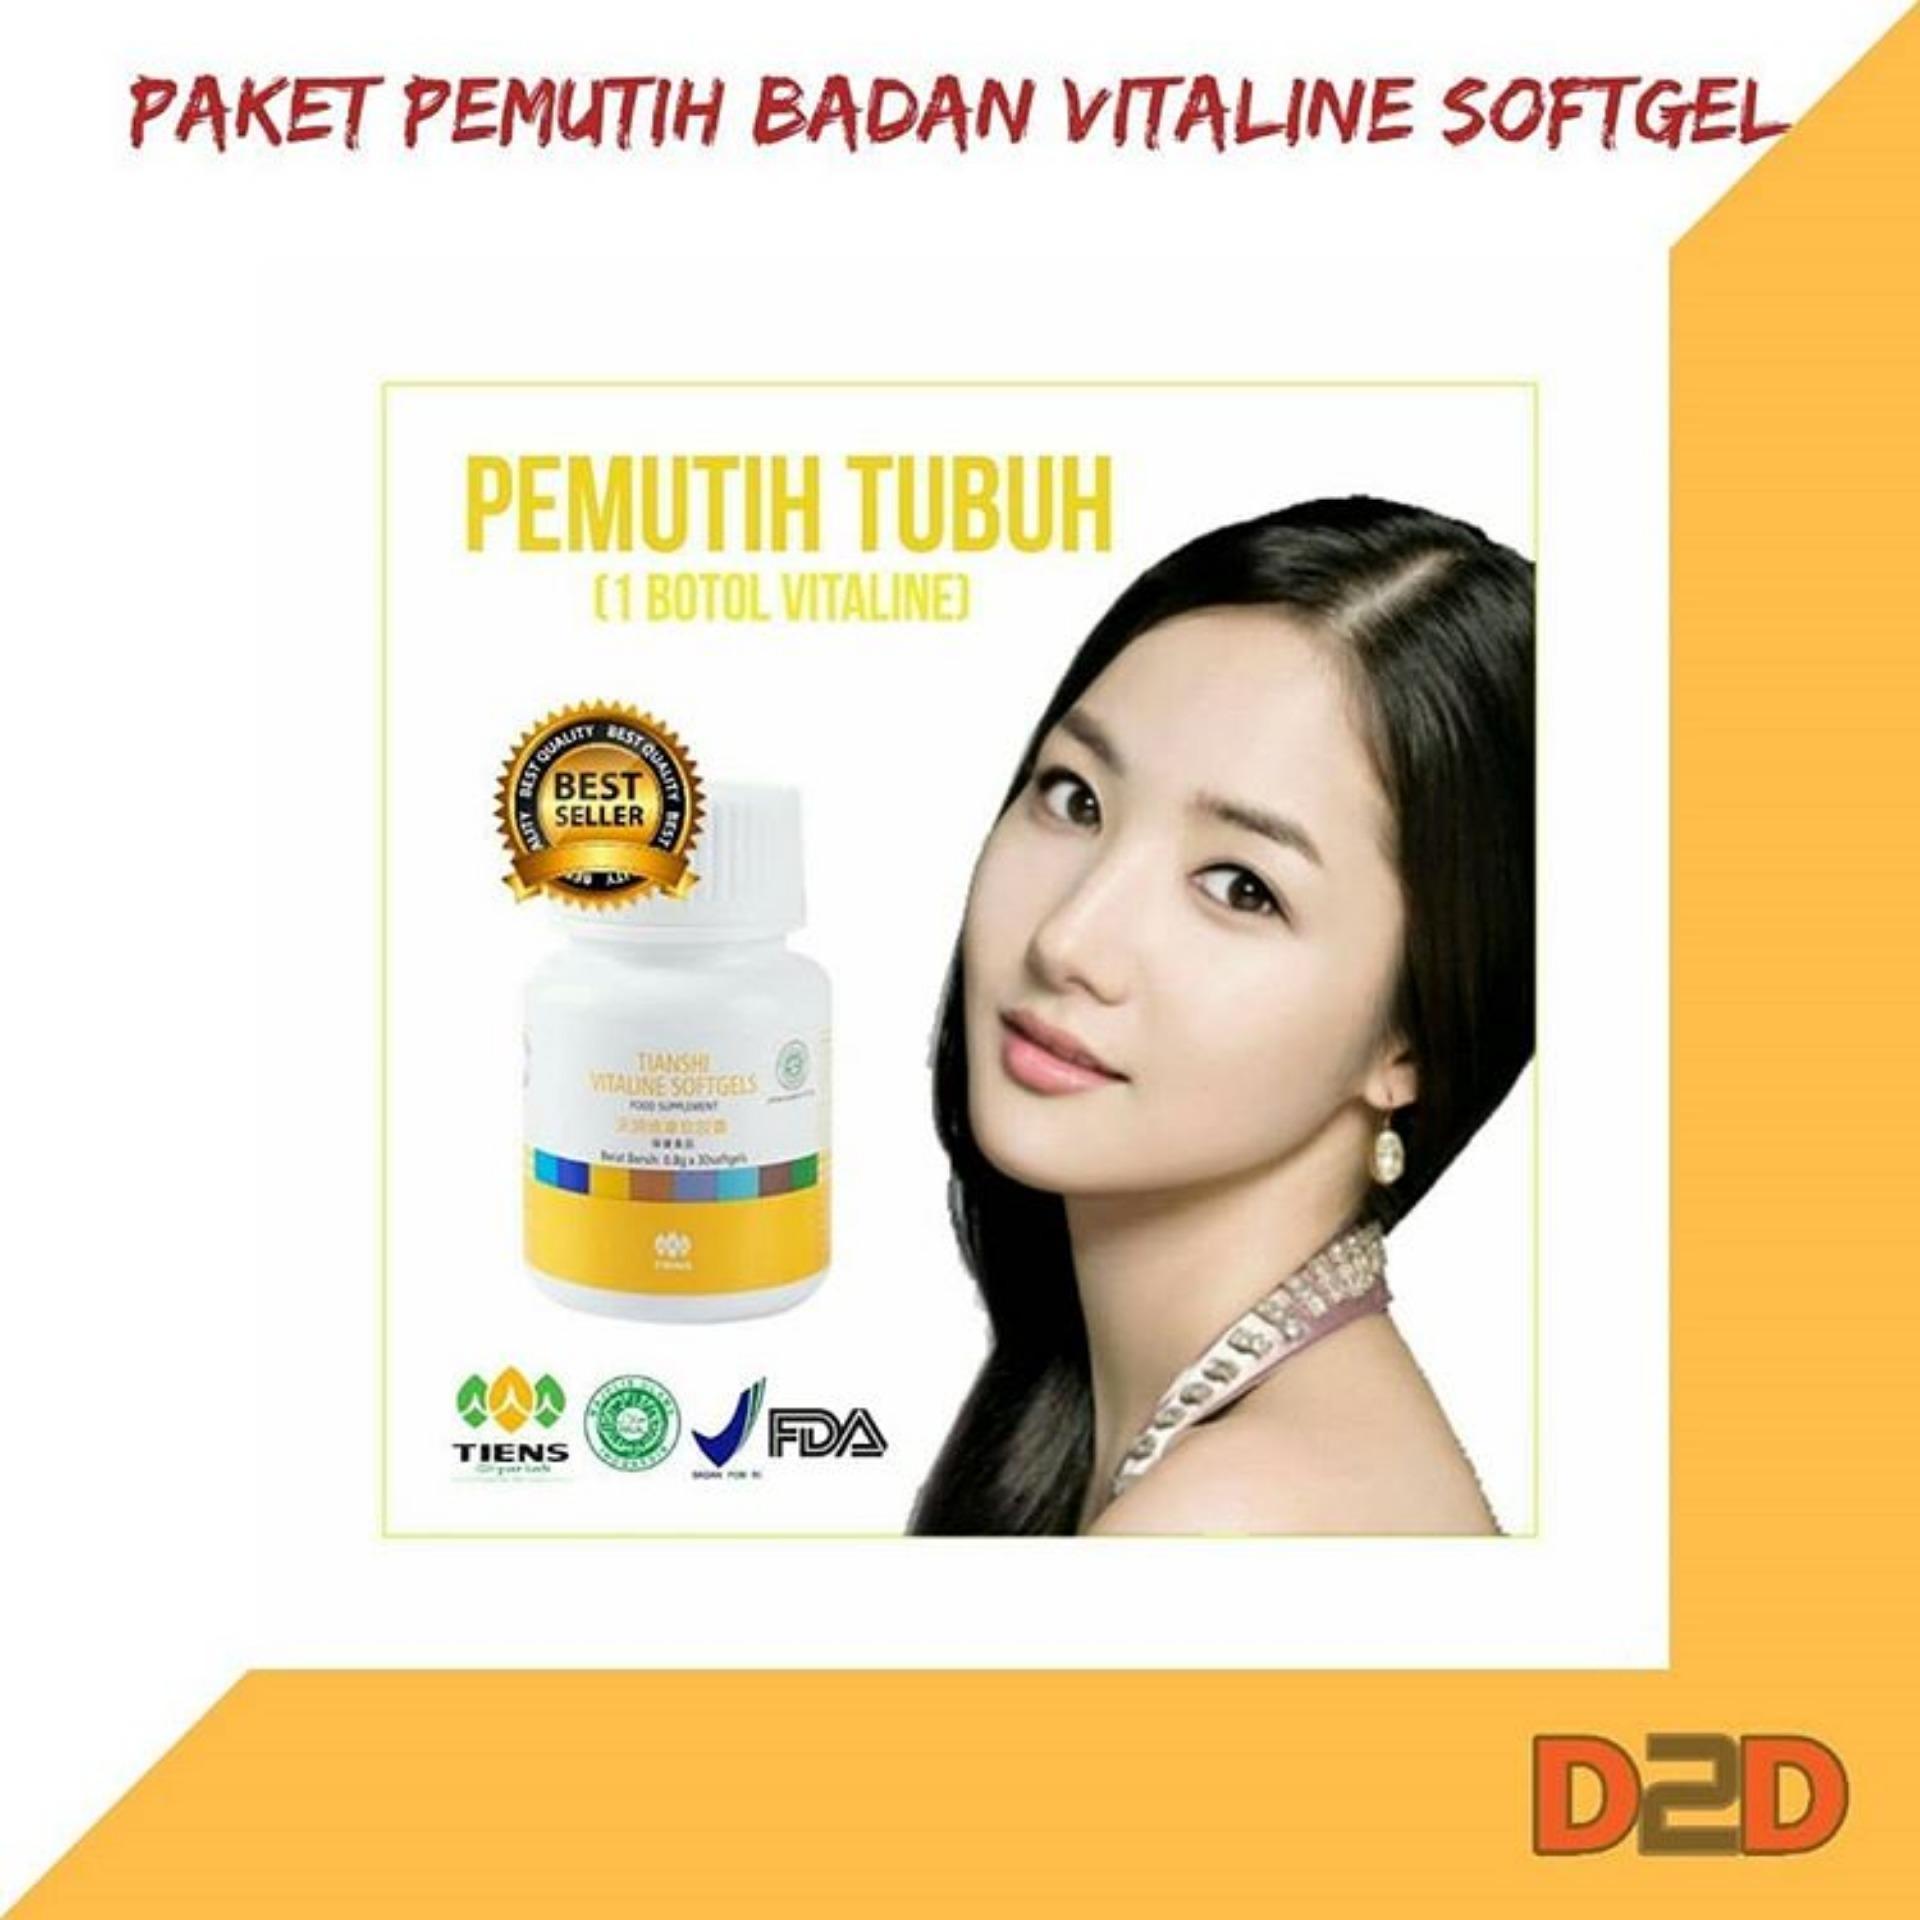 wajah Tiens obat jerawat dari dalam menghilangkan bekas jerawat dan bopeng paling ampuh Vitaline Softgel